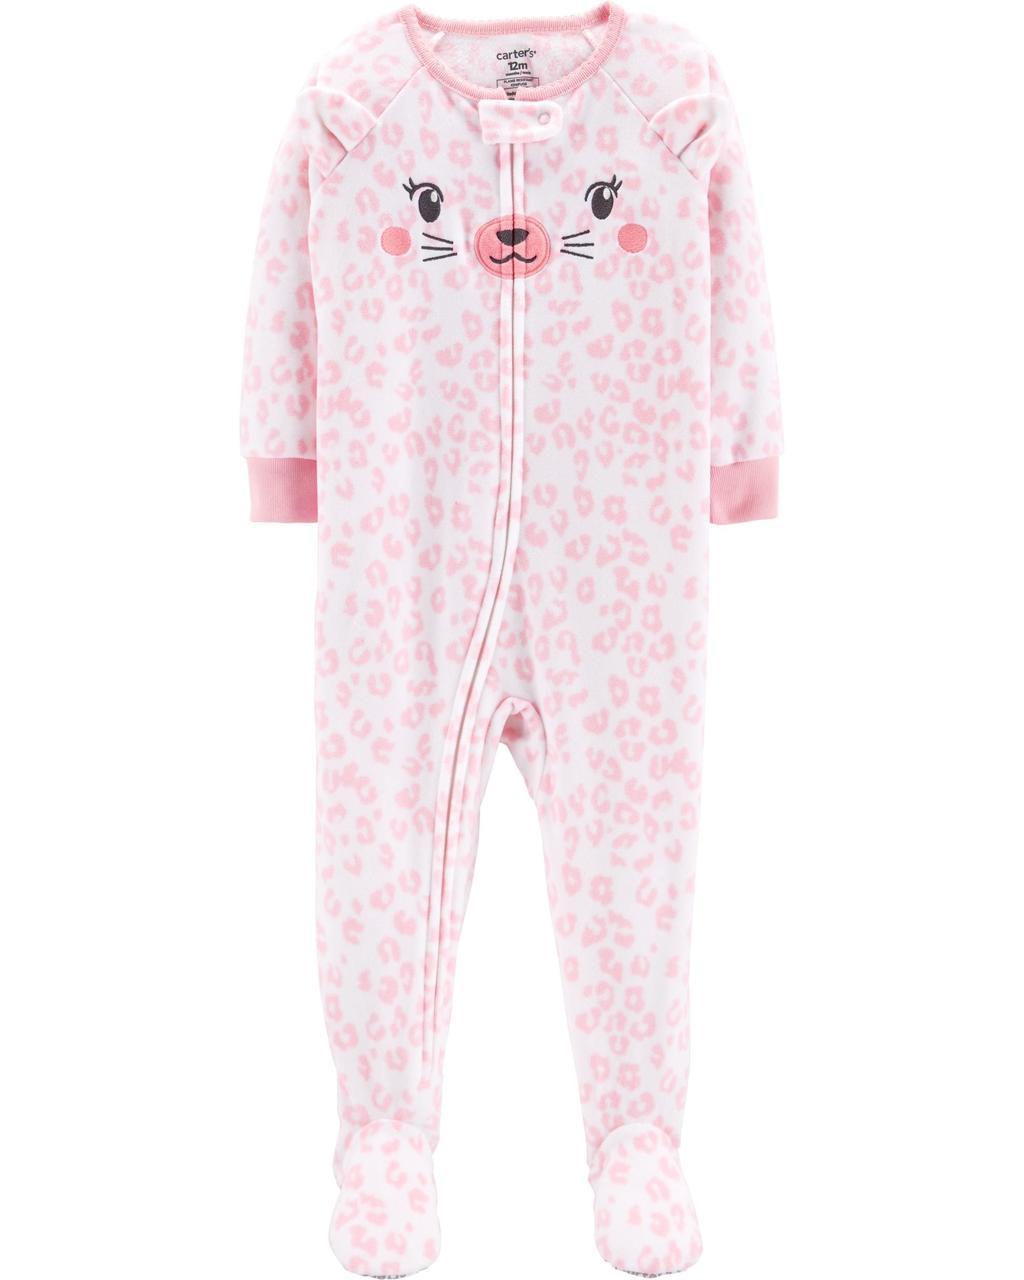 Пижама-человечек флис для девочек 2-3-4-5 лет Дикая кошечка Carter's (США)